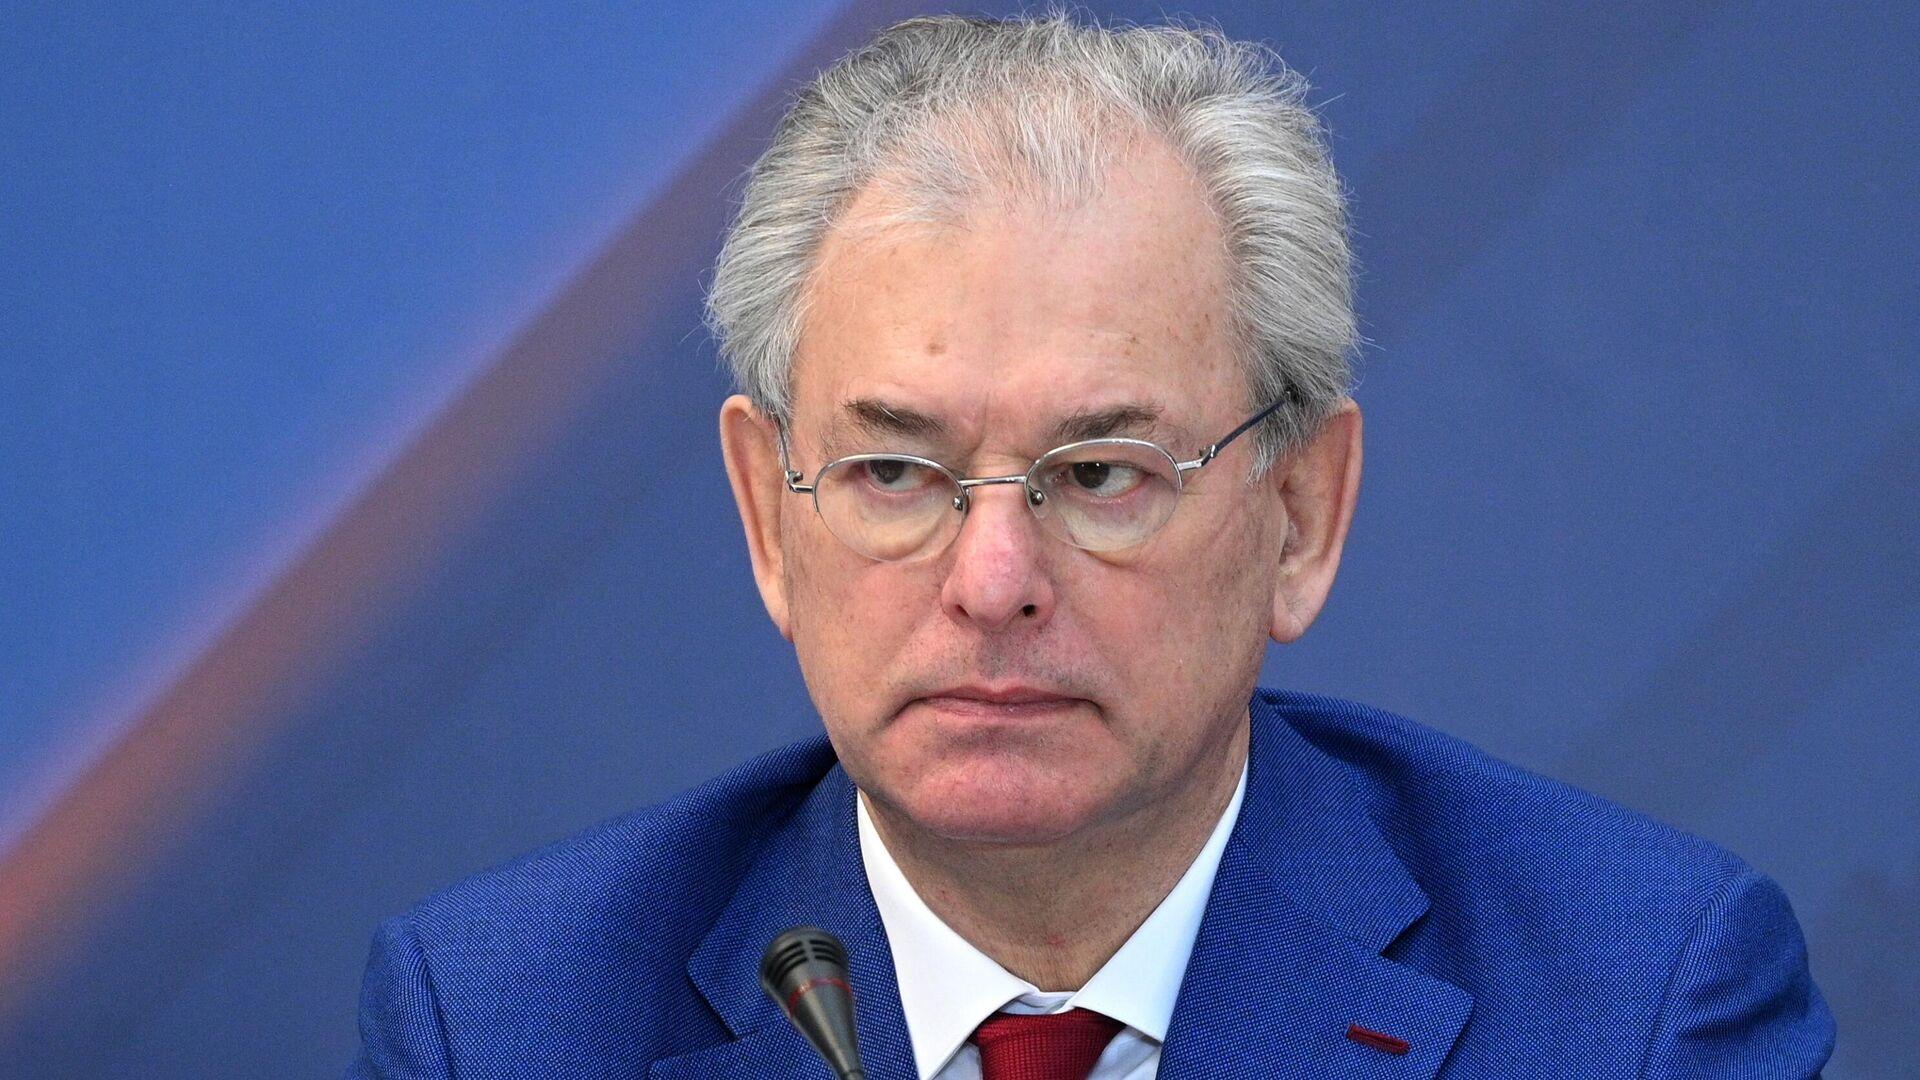 Мишустин проголосовал на выборах в Госдуму в онлайн-режиме